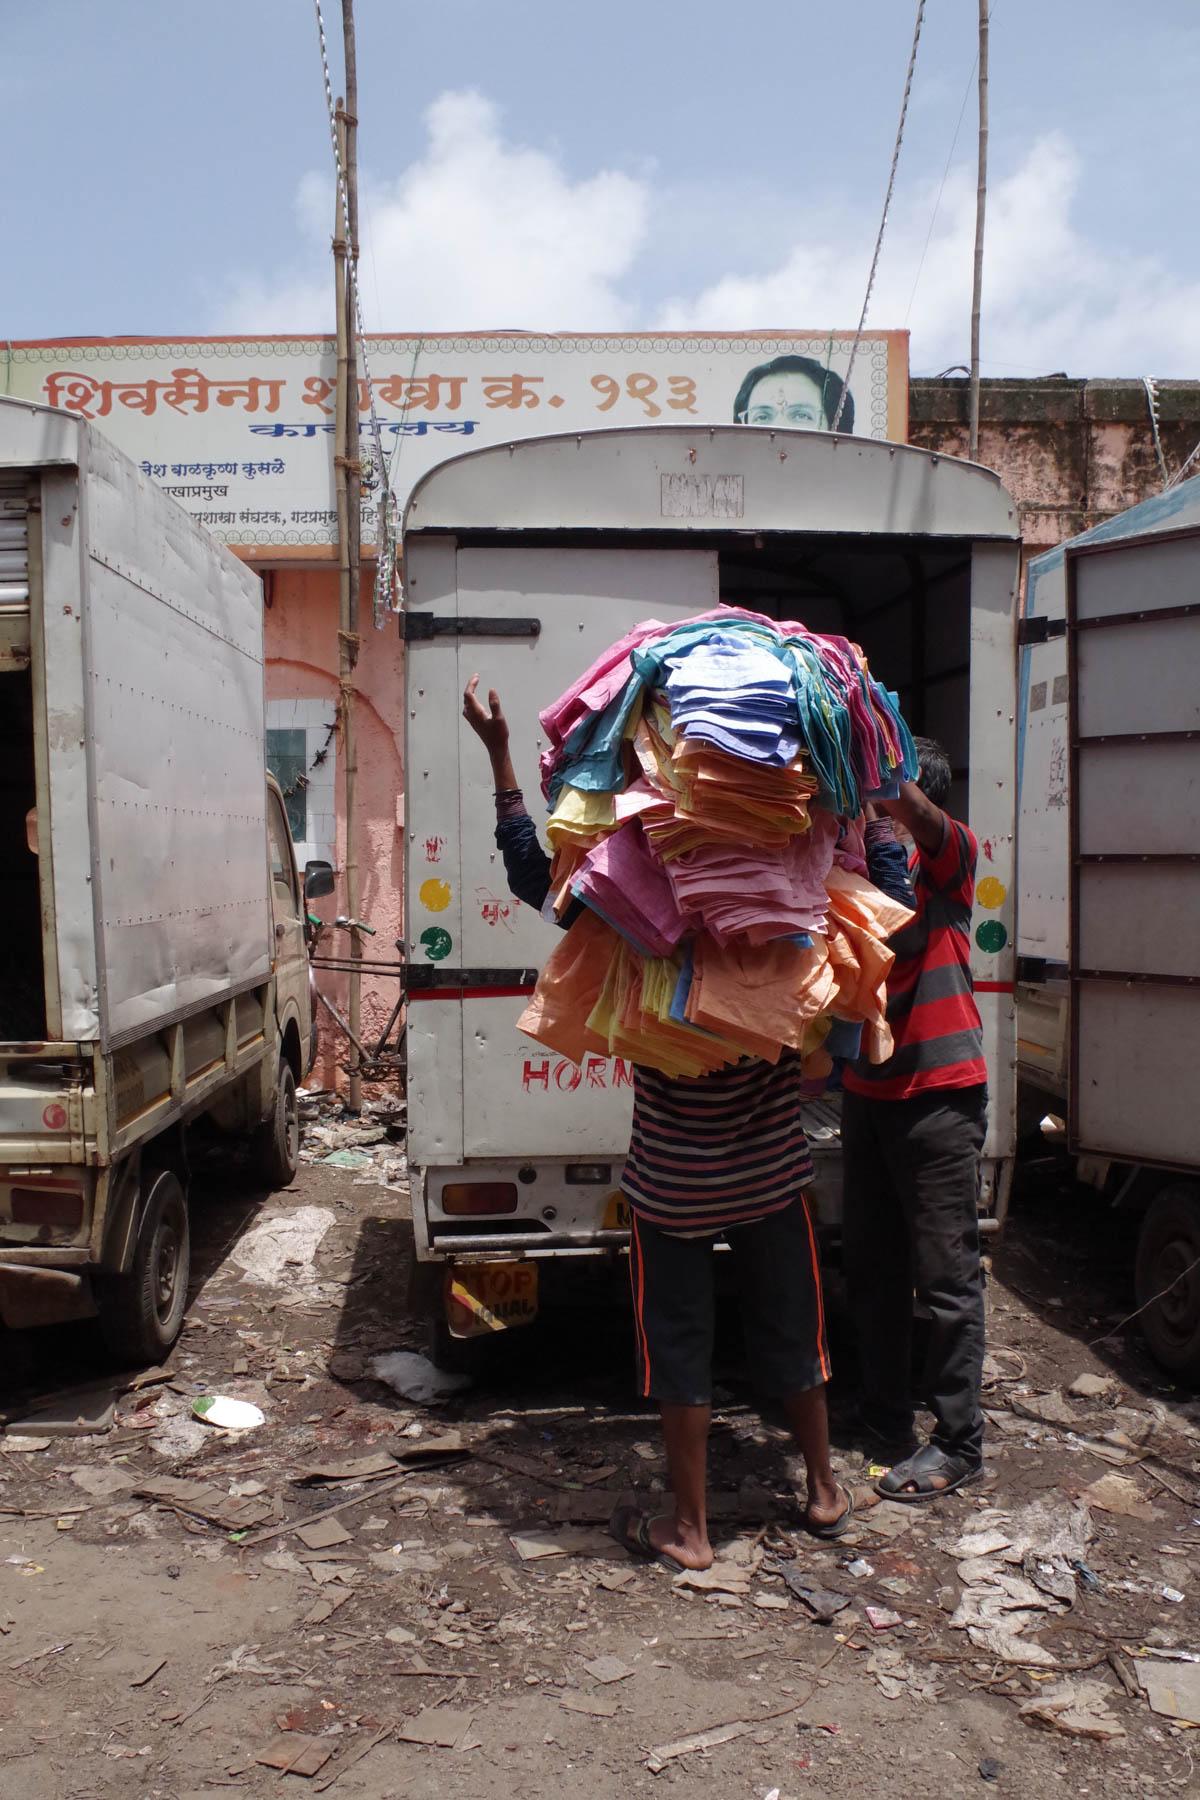 ムンバイ 巨大洗濯工場 ドービーガート 洗濯物を運ぶ人⑤